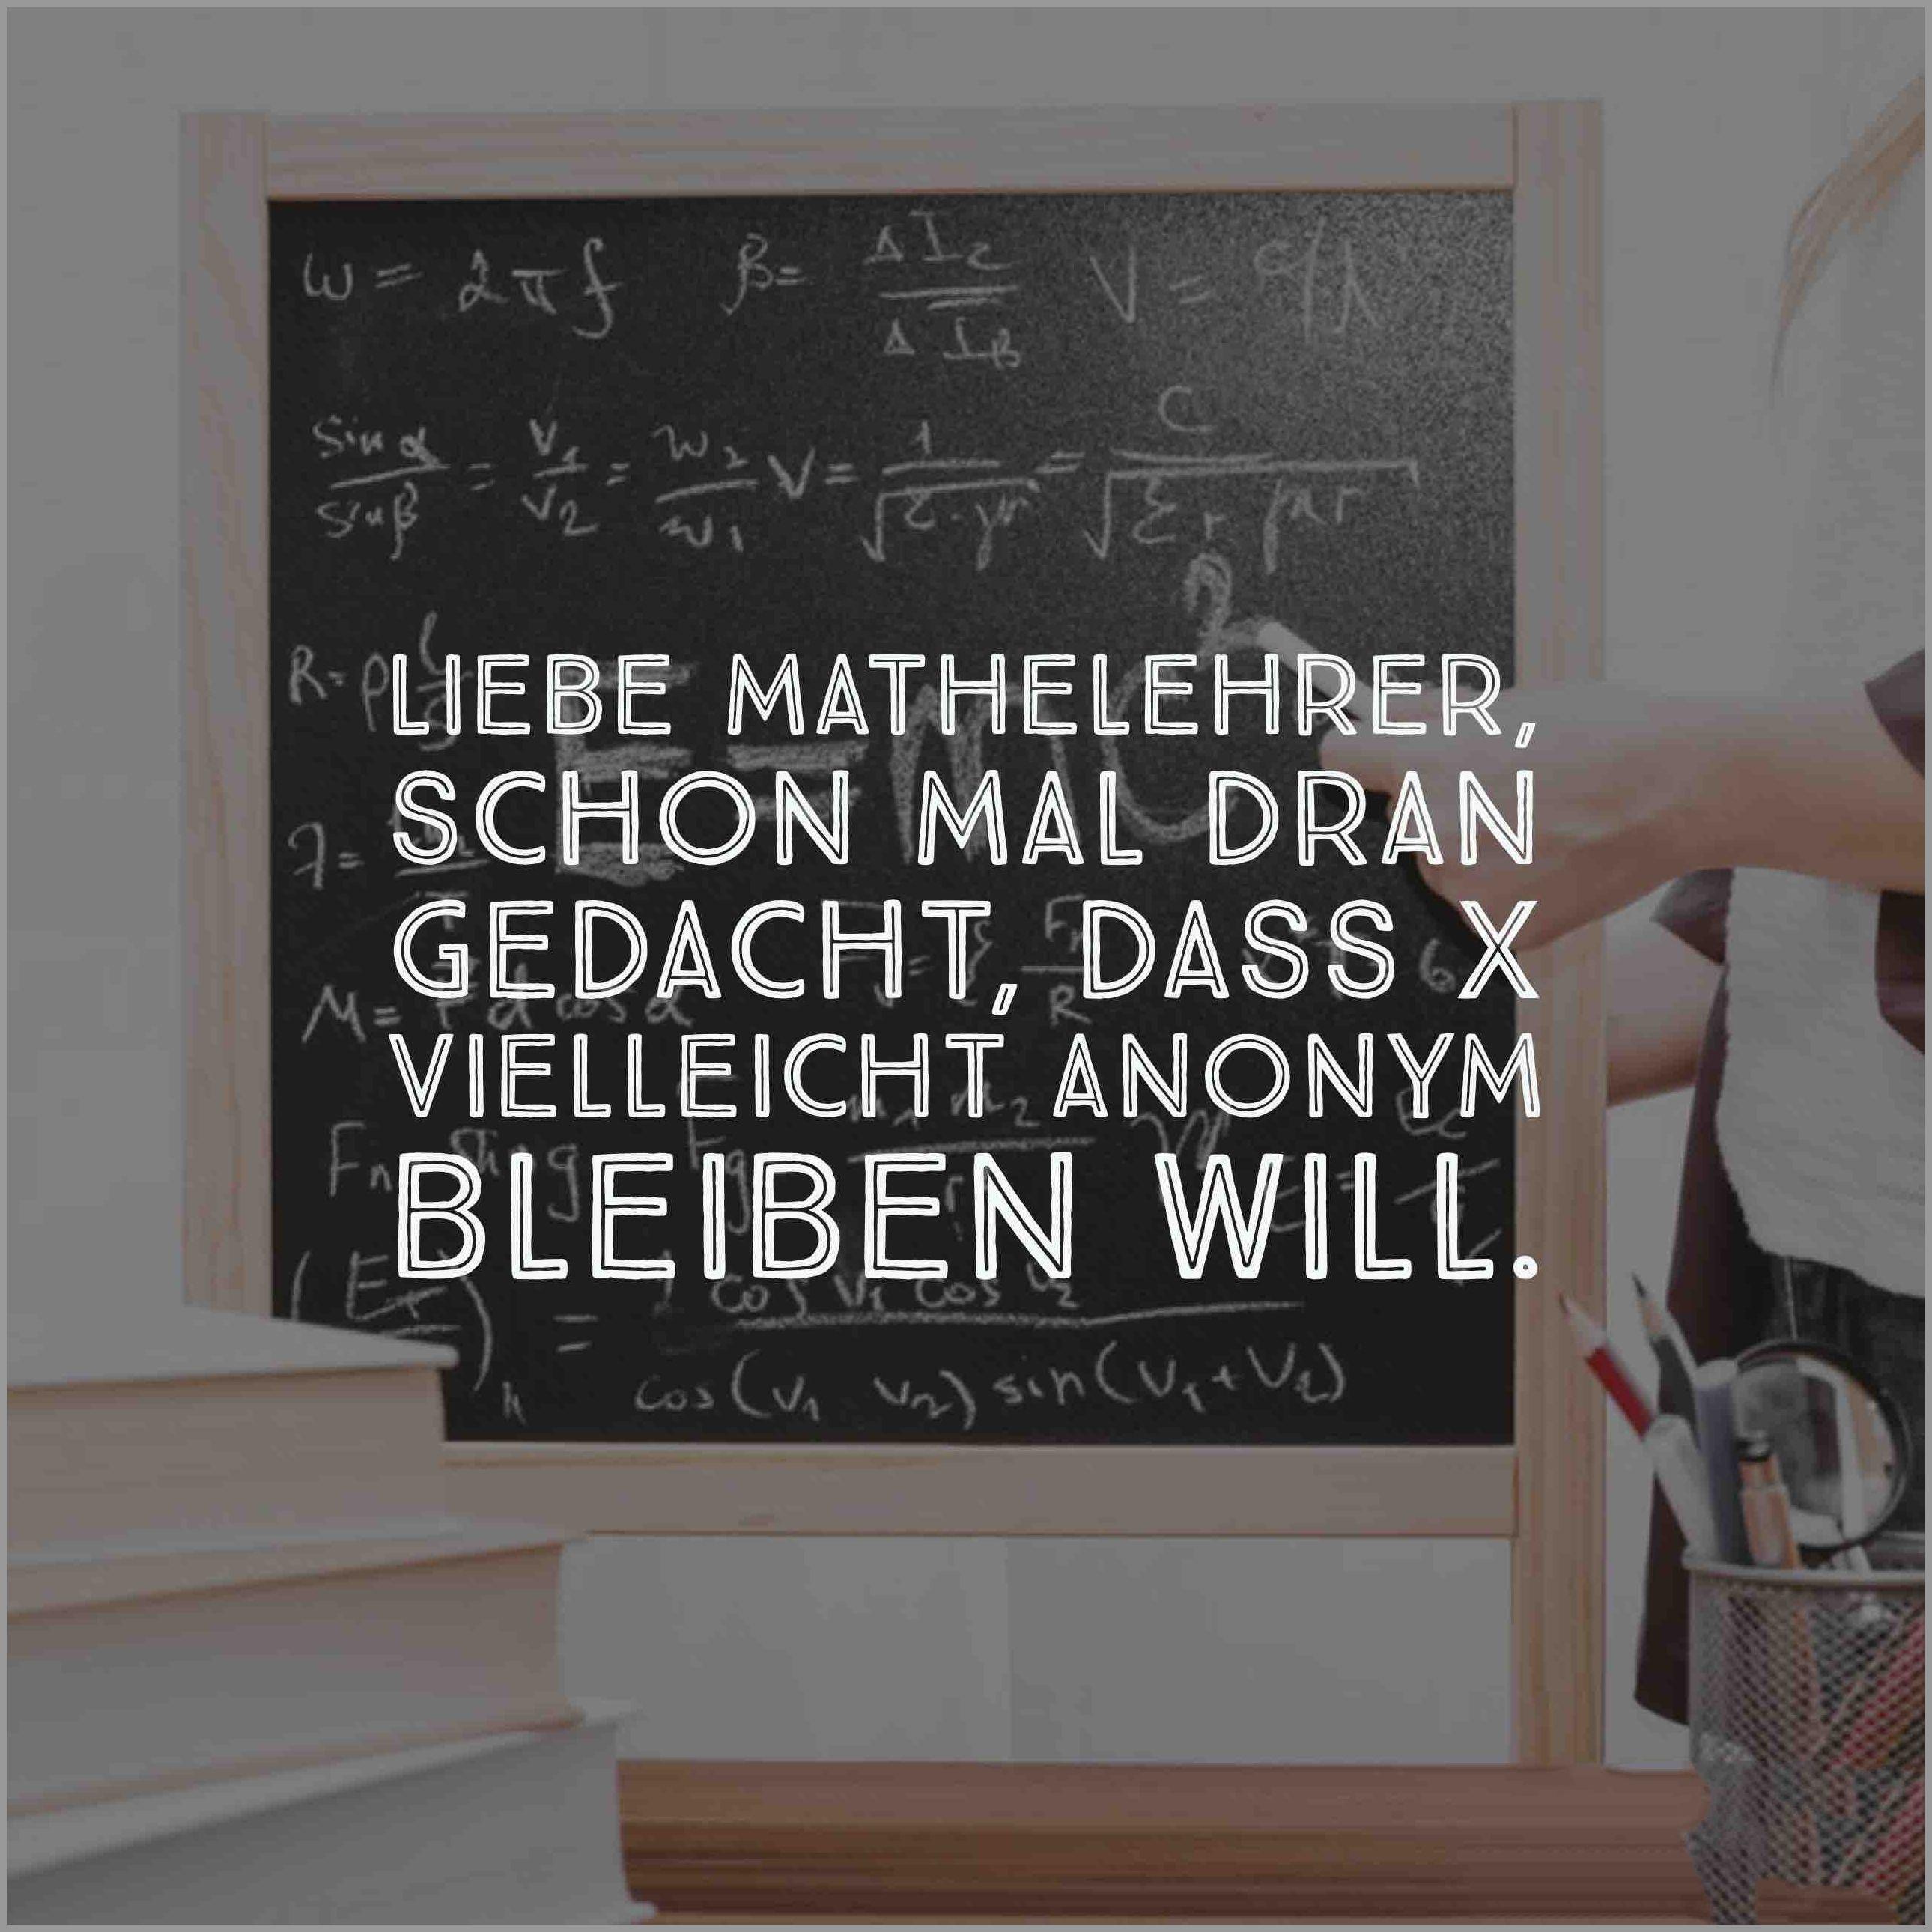 Liebe mathelehrer schon mal dran gedacht dass x vielleicht anonym bleiben will - Liebe mathelehrer schon mal dran gedacht dass x vielleicht anonym bleiben will